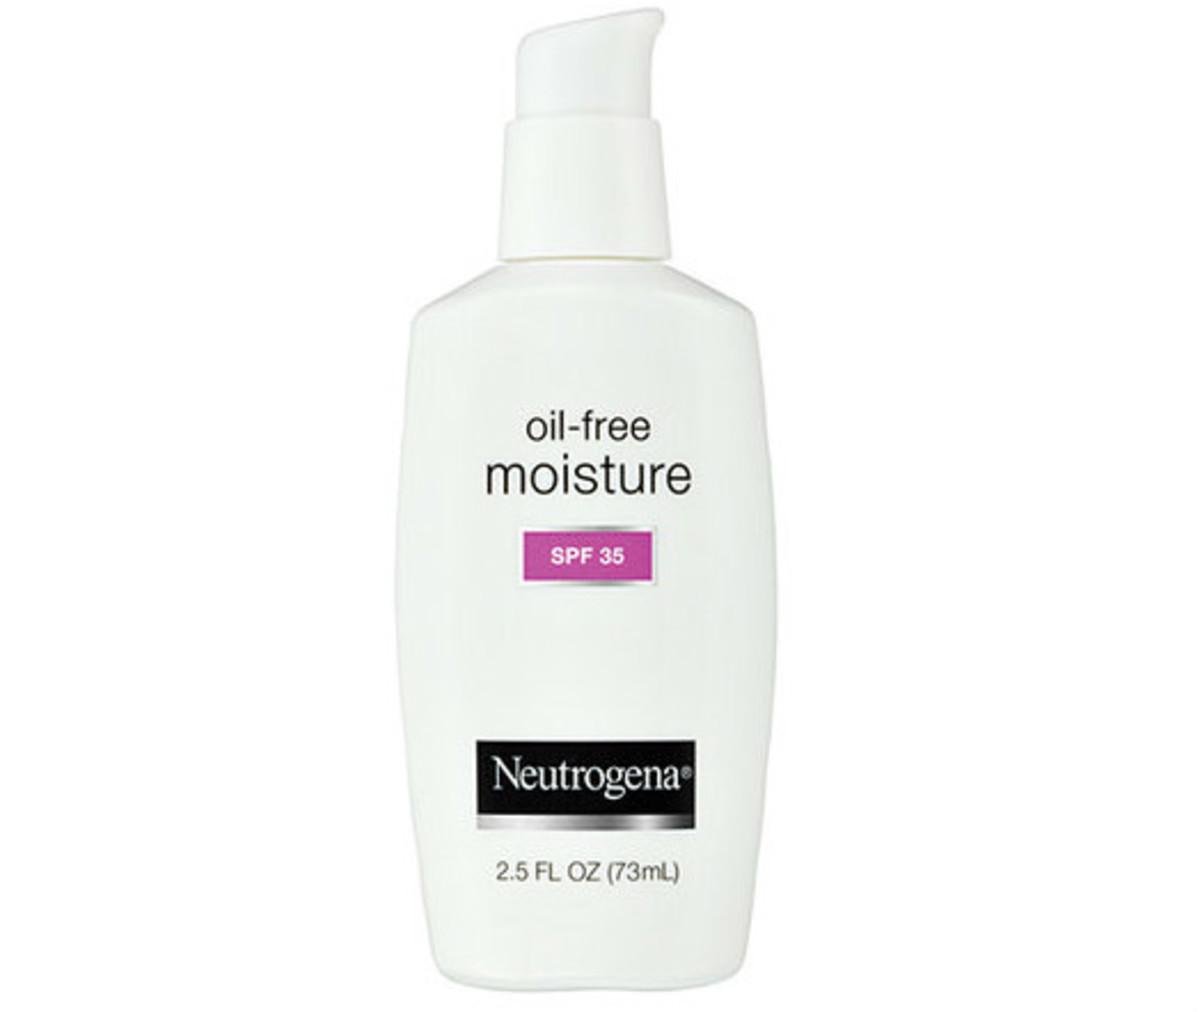 Neutrogena Oil-Free Moisture SPF 35, $11.99, available at Ulta Beauty